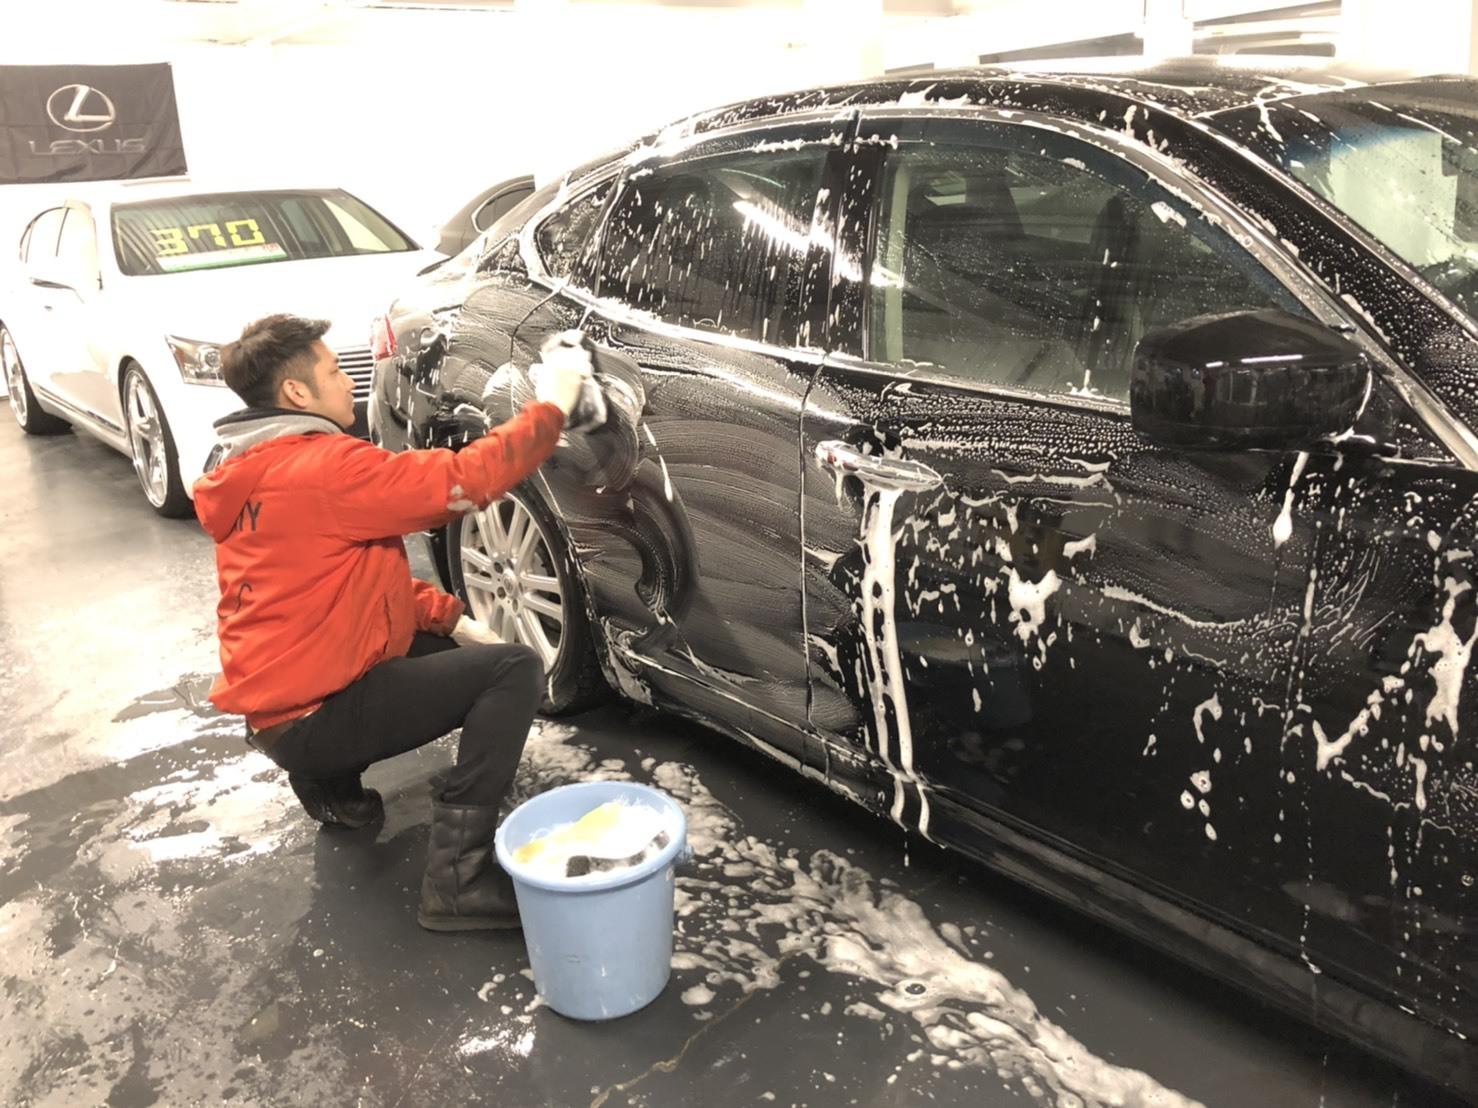 12月21日(土)トミーベースブログ☆K様LS460納車✨✨カスタムカー専門♬レクサス🎶スバル🎶限定車☆希少車多数☆フーガ🎶クラウン🎶レ_b0127002_18373284.jpg